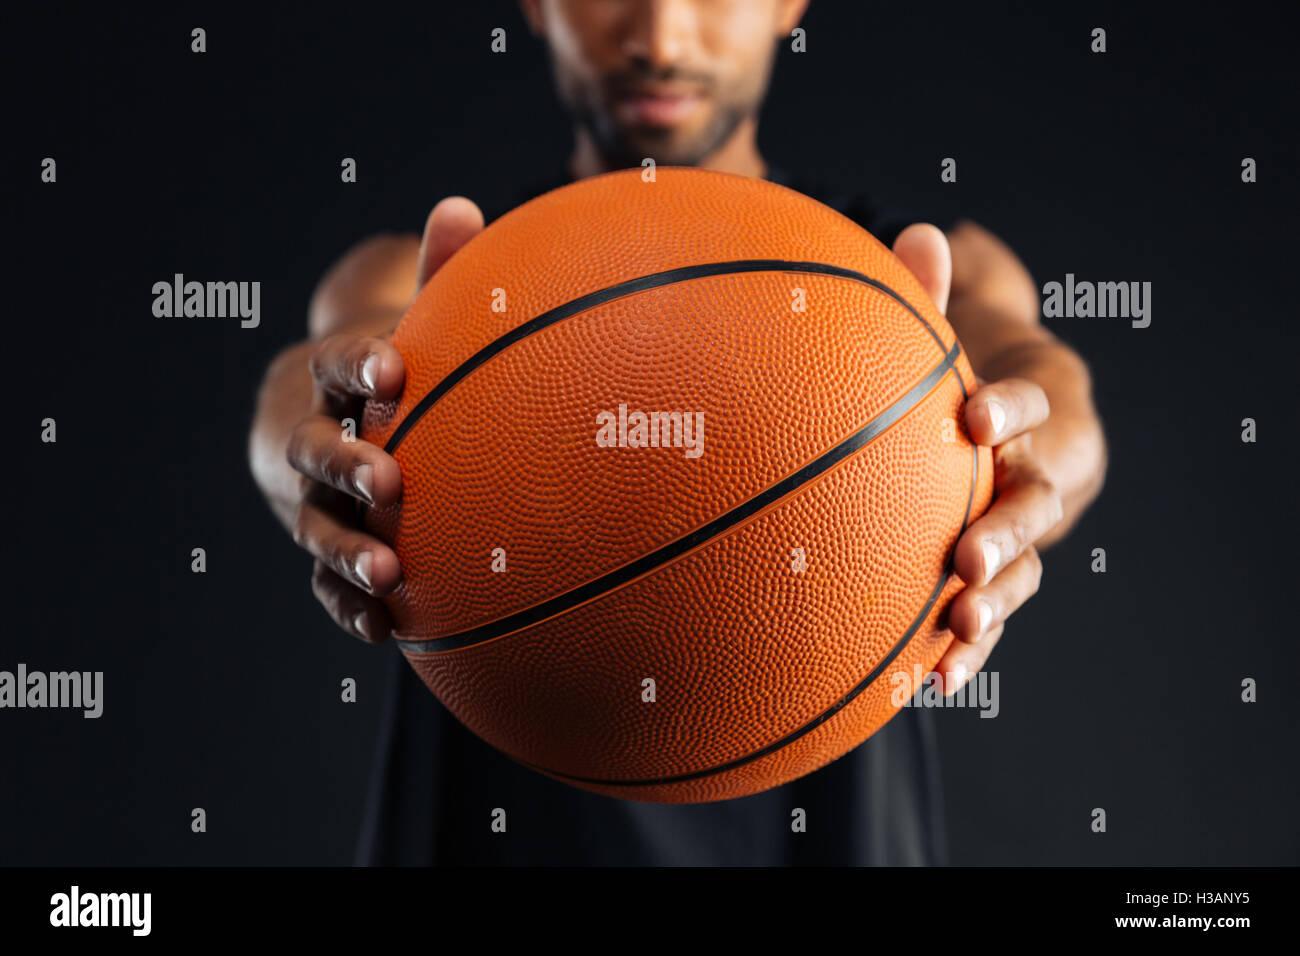 Imagen recortada de un joven jugador de baloncesto centrado africanos dando bola aislado en un fondo negro Imagen De Stock